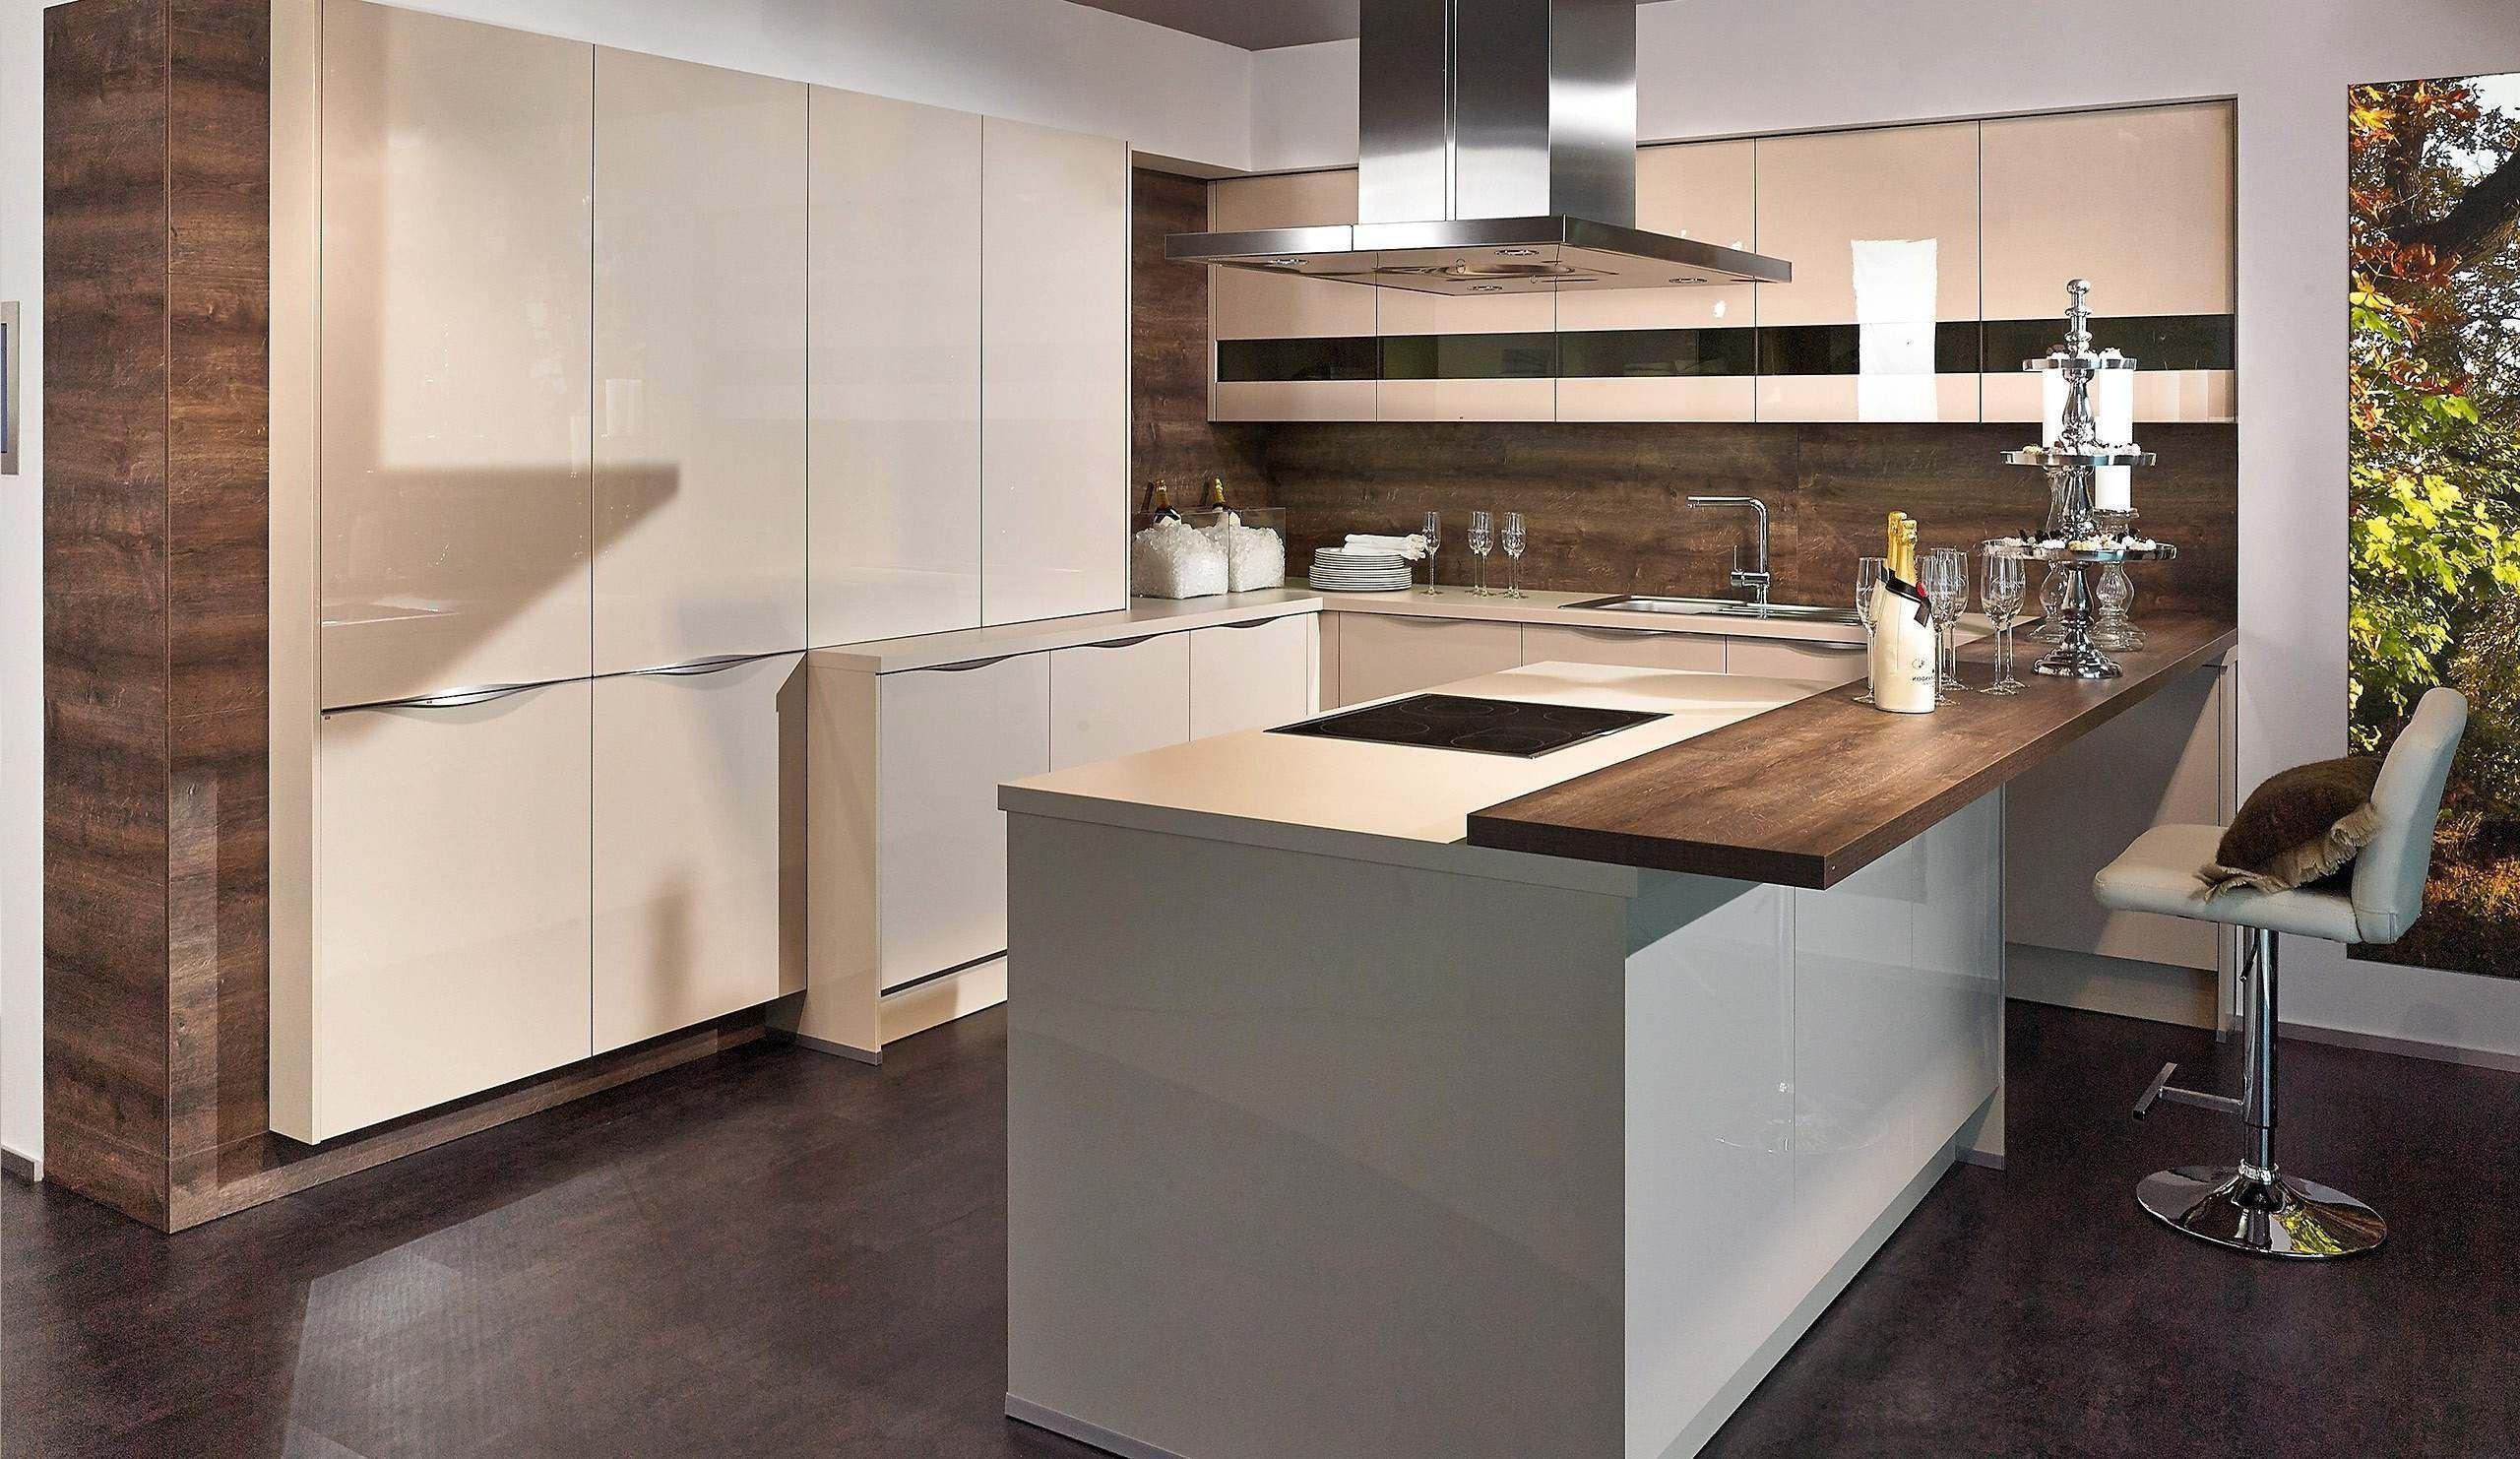 Küche Kuche Selbst Gestalten Ikea Küchenmöbel Zubehör Küche Weiß ...